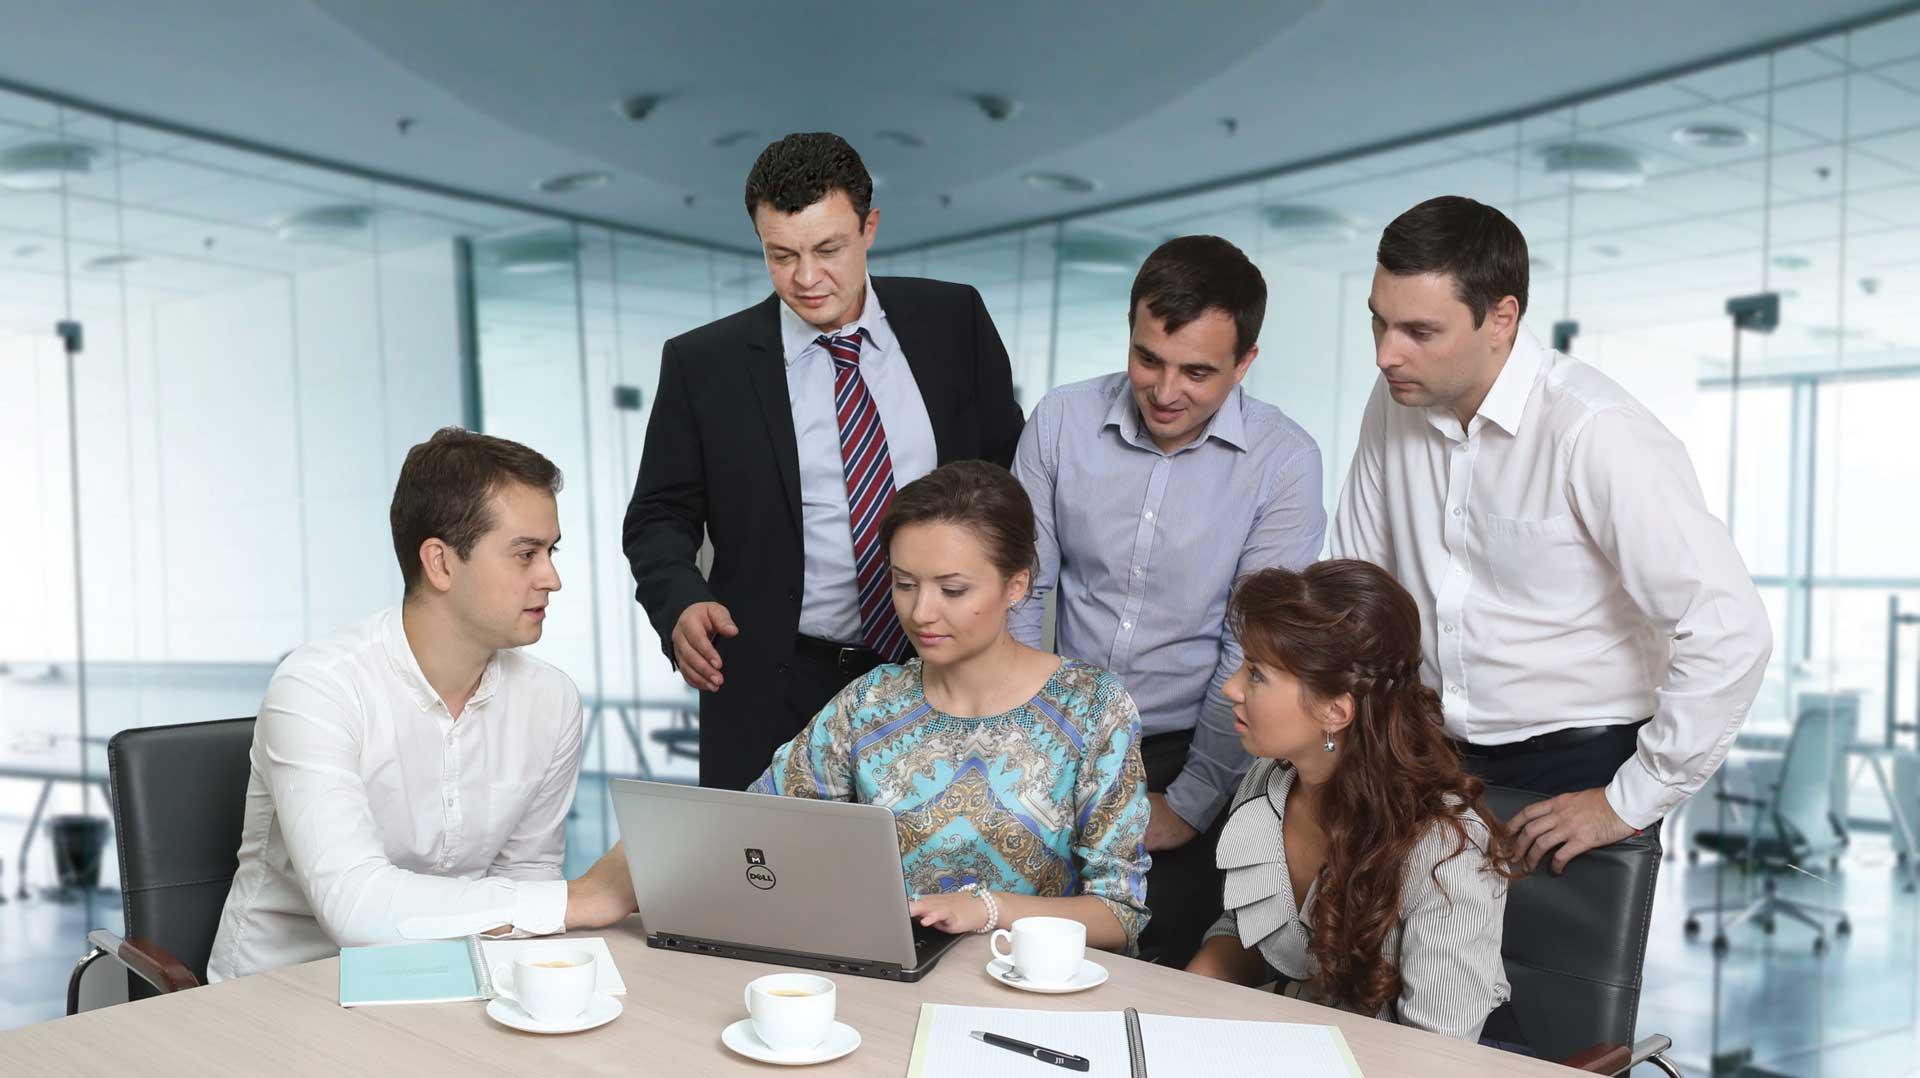 Бесплатный вебинар: Маркетинг, как умение работать со специалистами